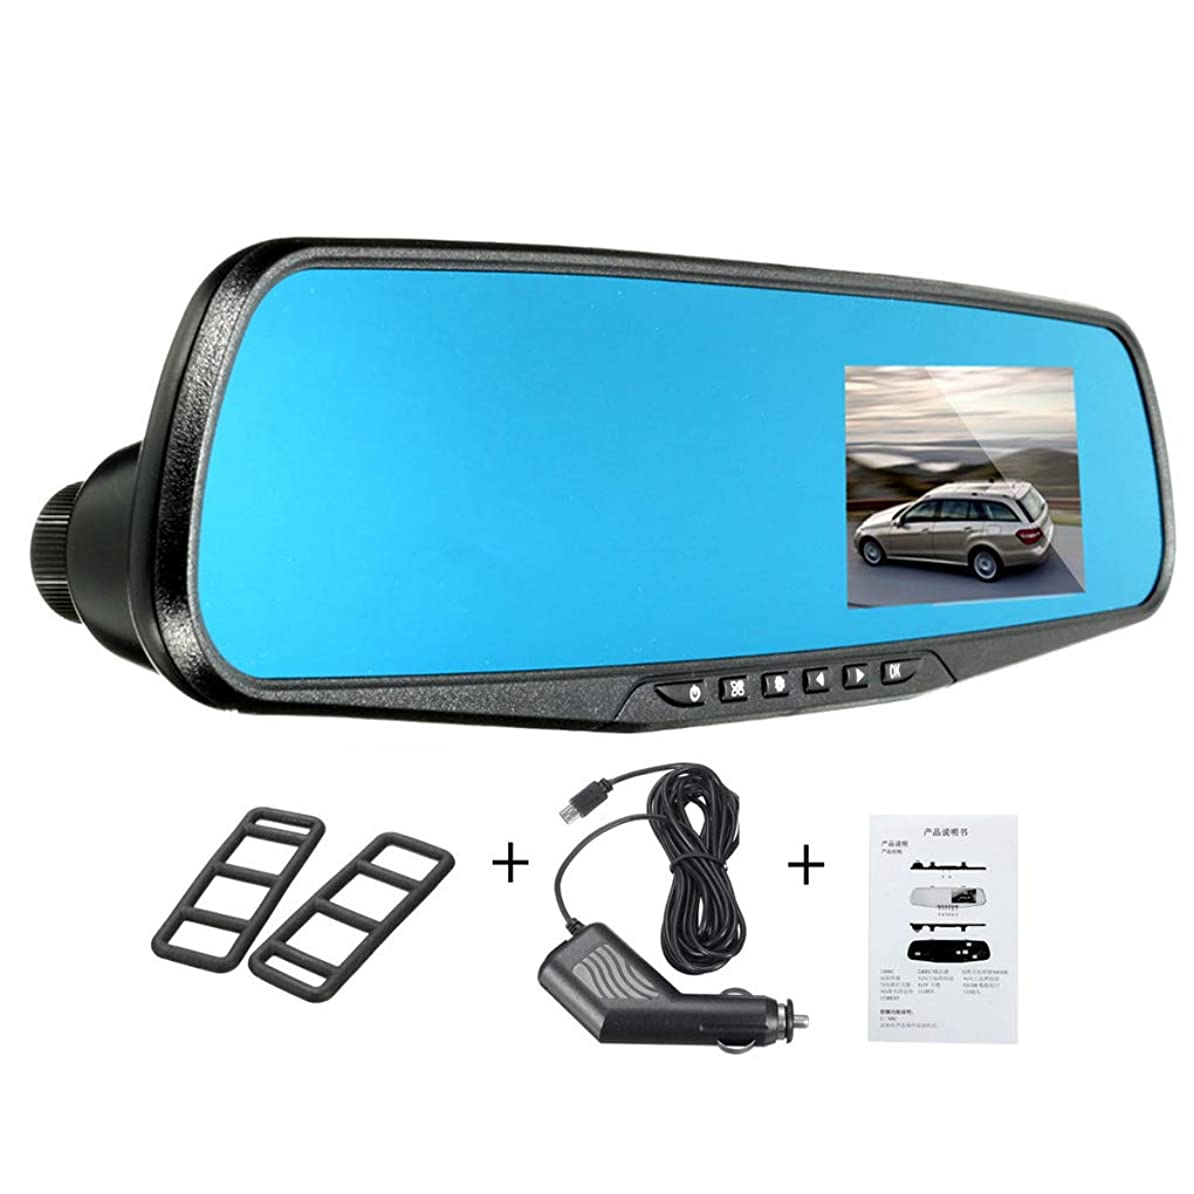 パールうめきその間Nerhaily バック鏡カメラビデオレコーダー ドライブレコーダー 車載ドライブレコーダー ビデオカメラ 2.8インチLCD 1080P ダッシュ フルHD Gセンサー モーション検知